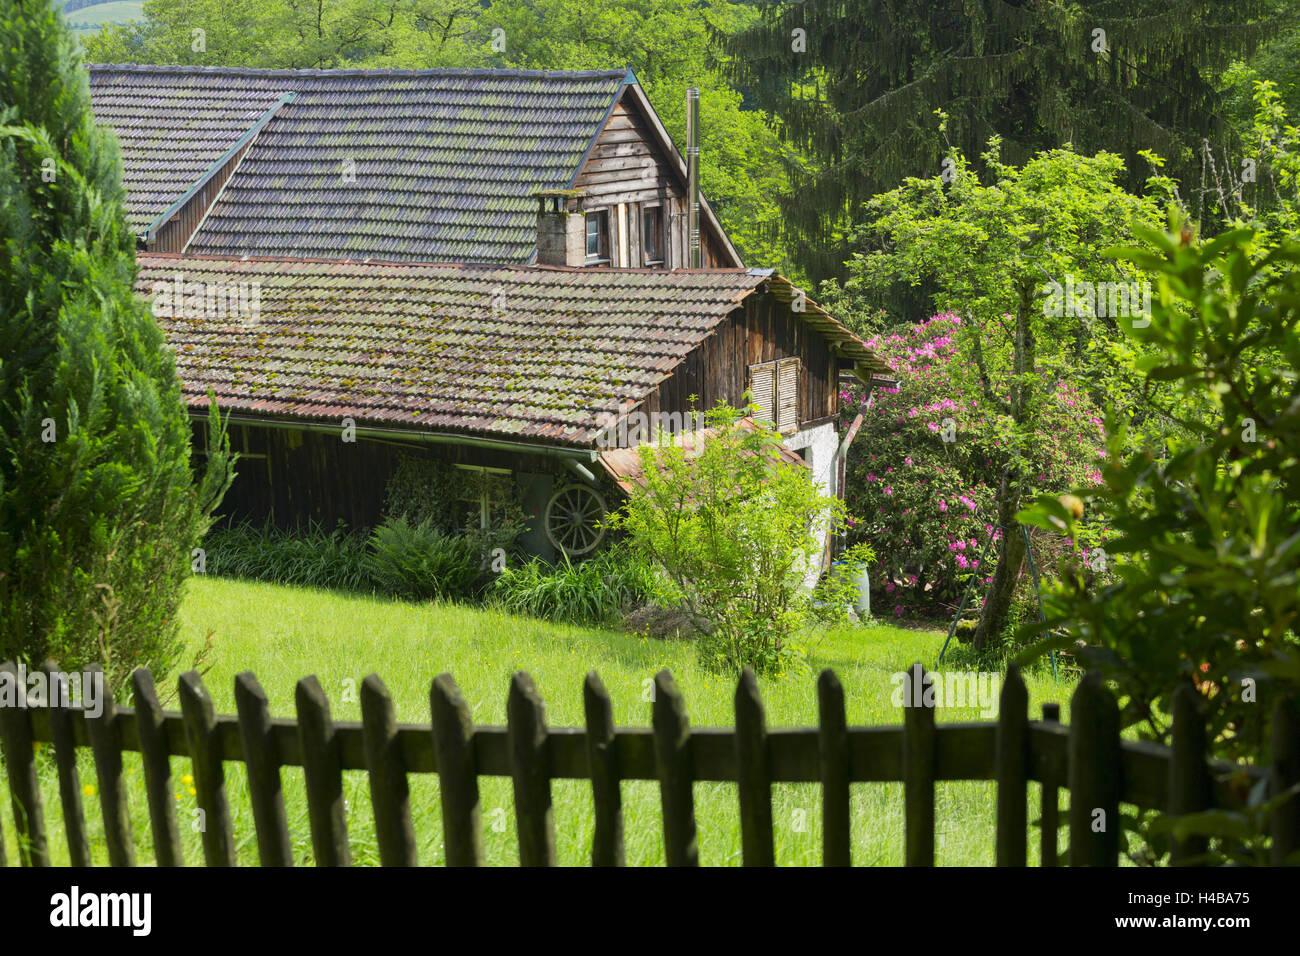 bauernhof zaun zeichnung weißer konkreter bauernhof zaun gerold villagesau schwarzwald badenbaden badenwürttemberg deutschland baden